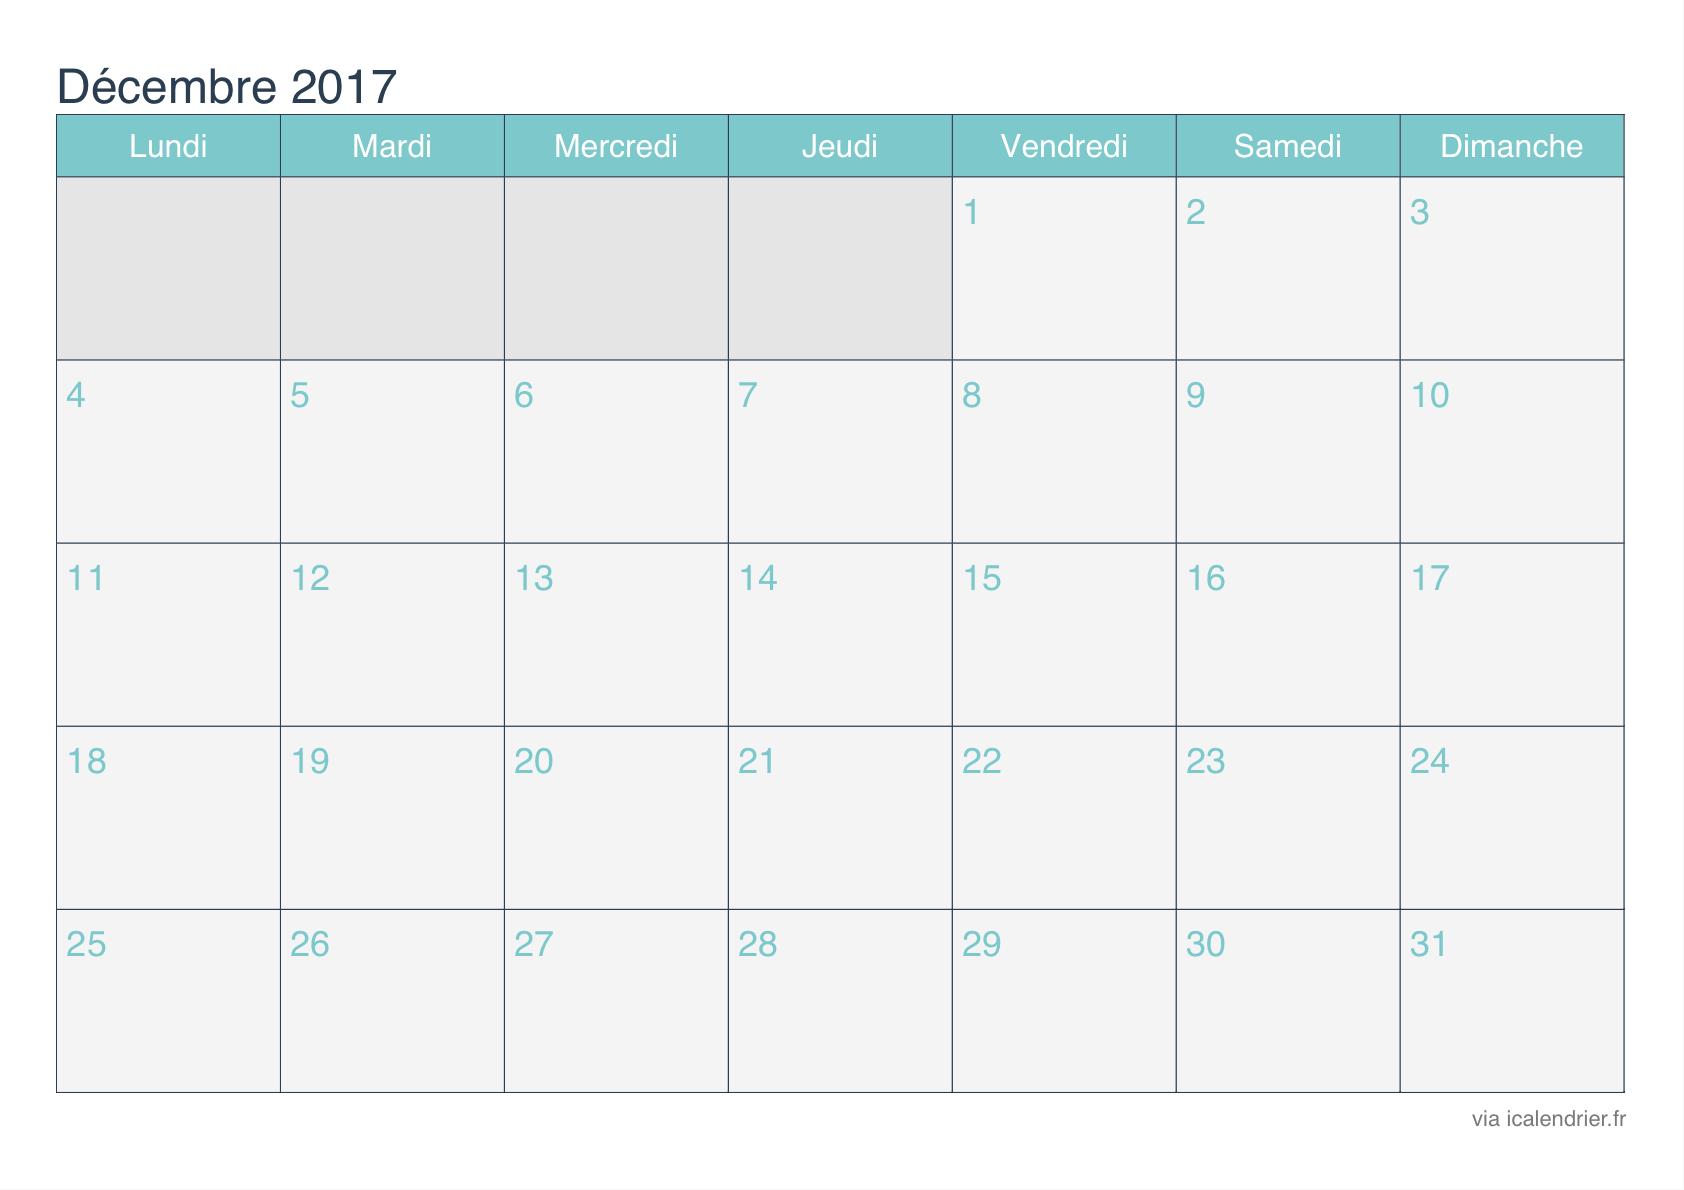 Calendrier Décembre 2017 À Imprimer - Icalendrier encequiconcerne Calendrier 2017 Imprimable